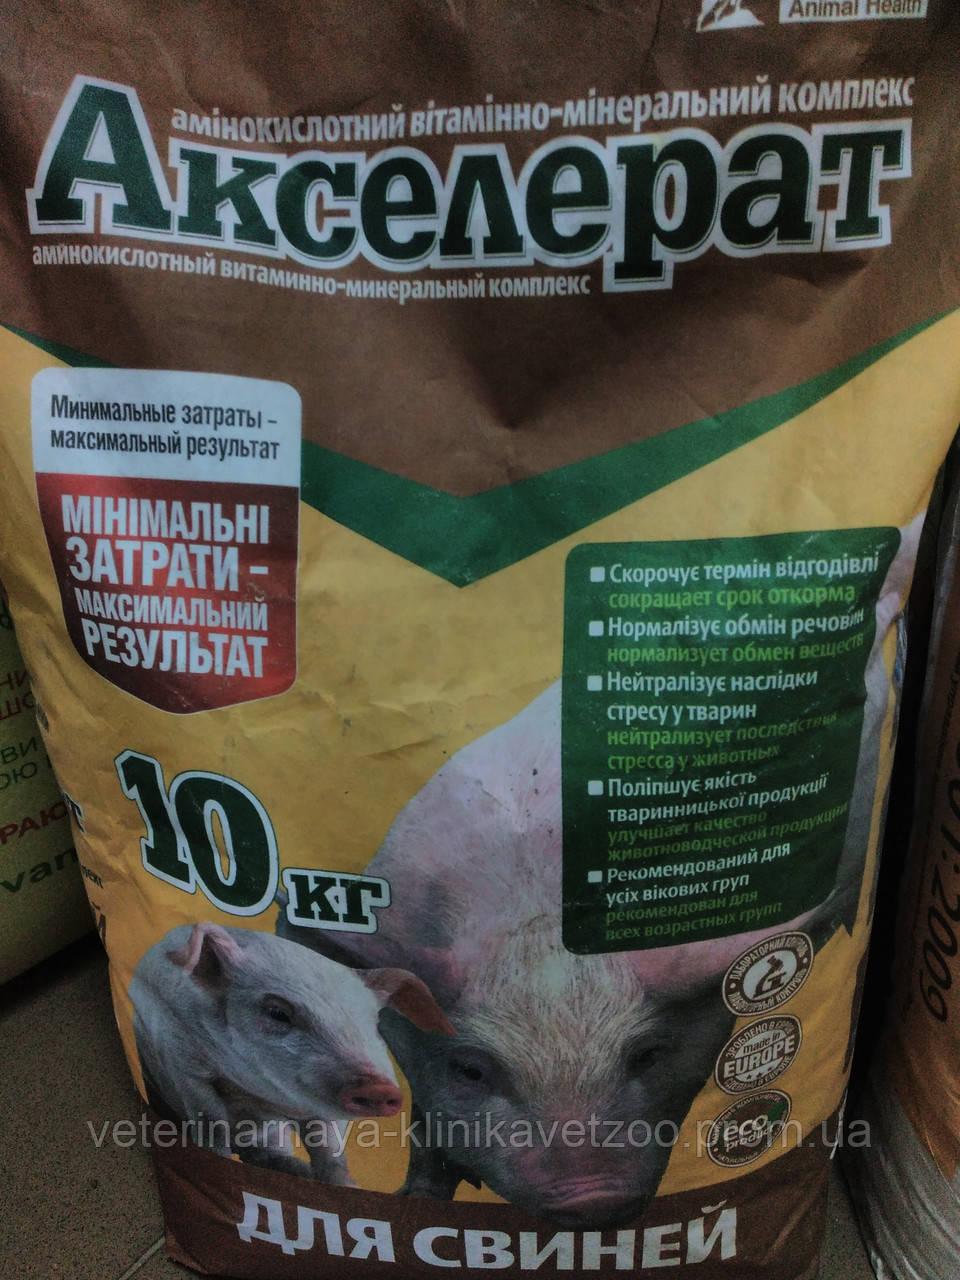 Акселерат(витамино-минеральный  комплекс для свиней )10кг